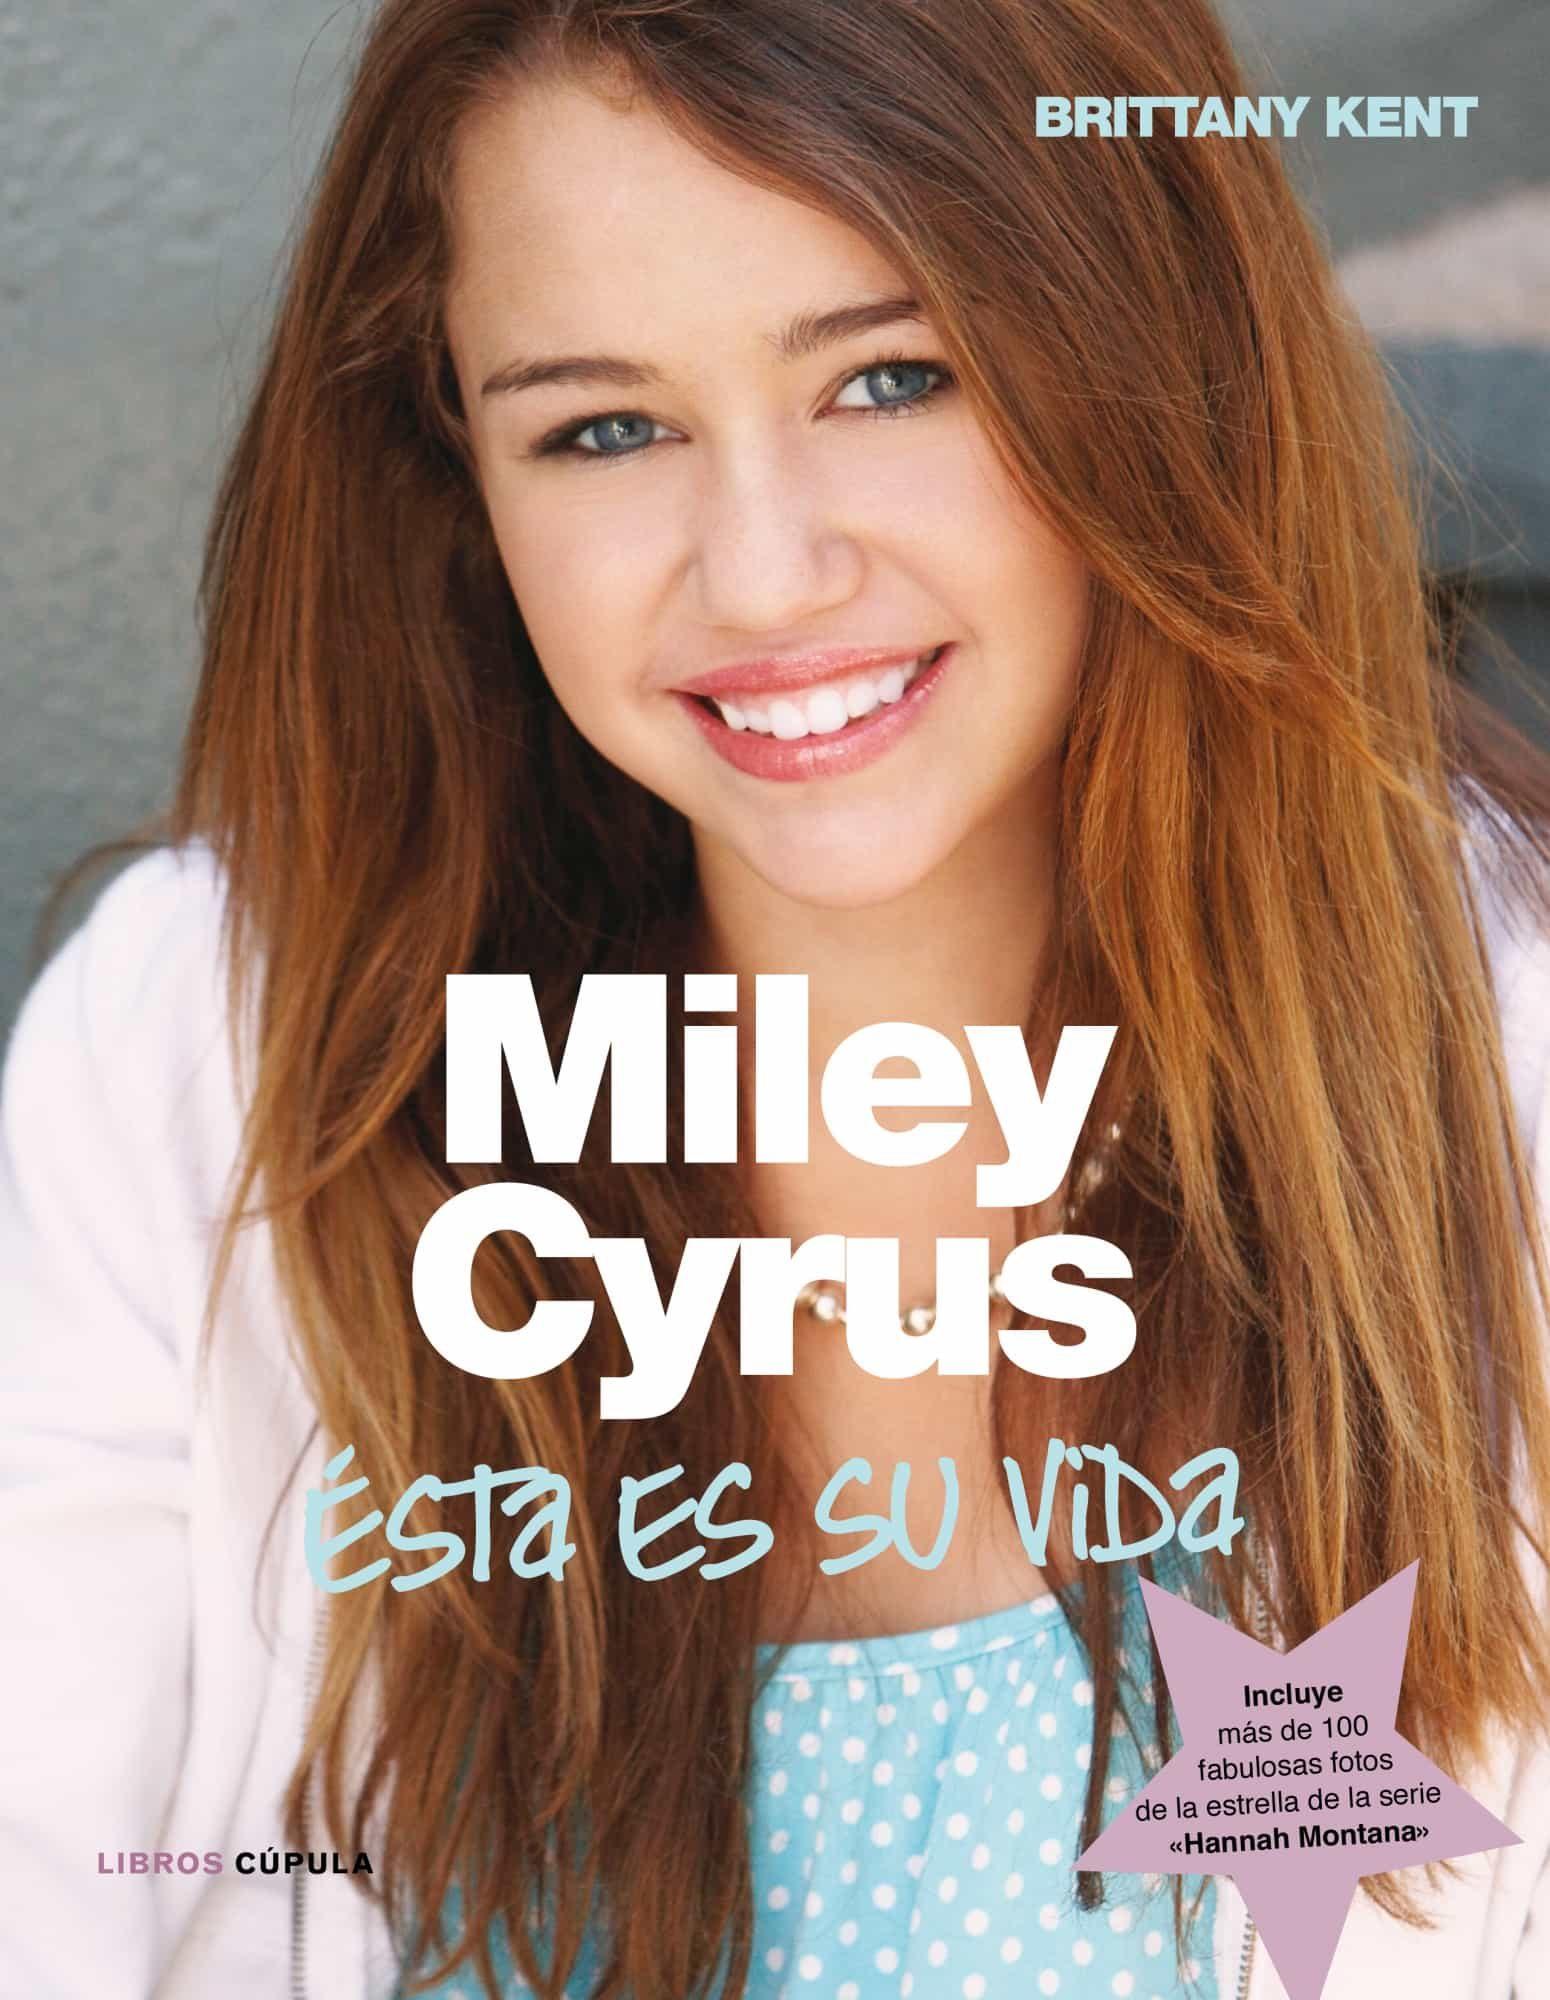 Miley Cyrus: Esta Es Su Vida por Brittany Kent